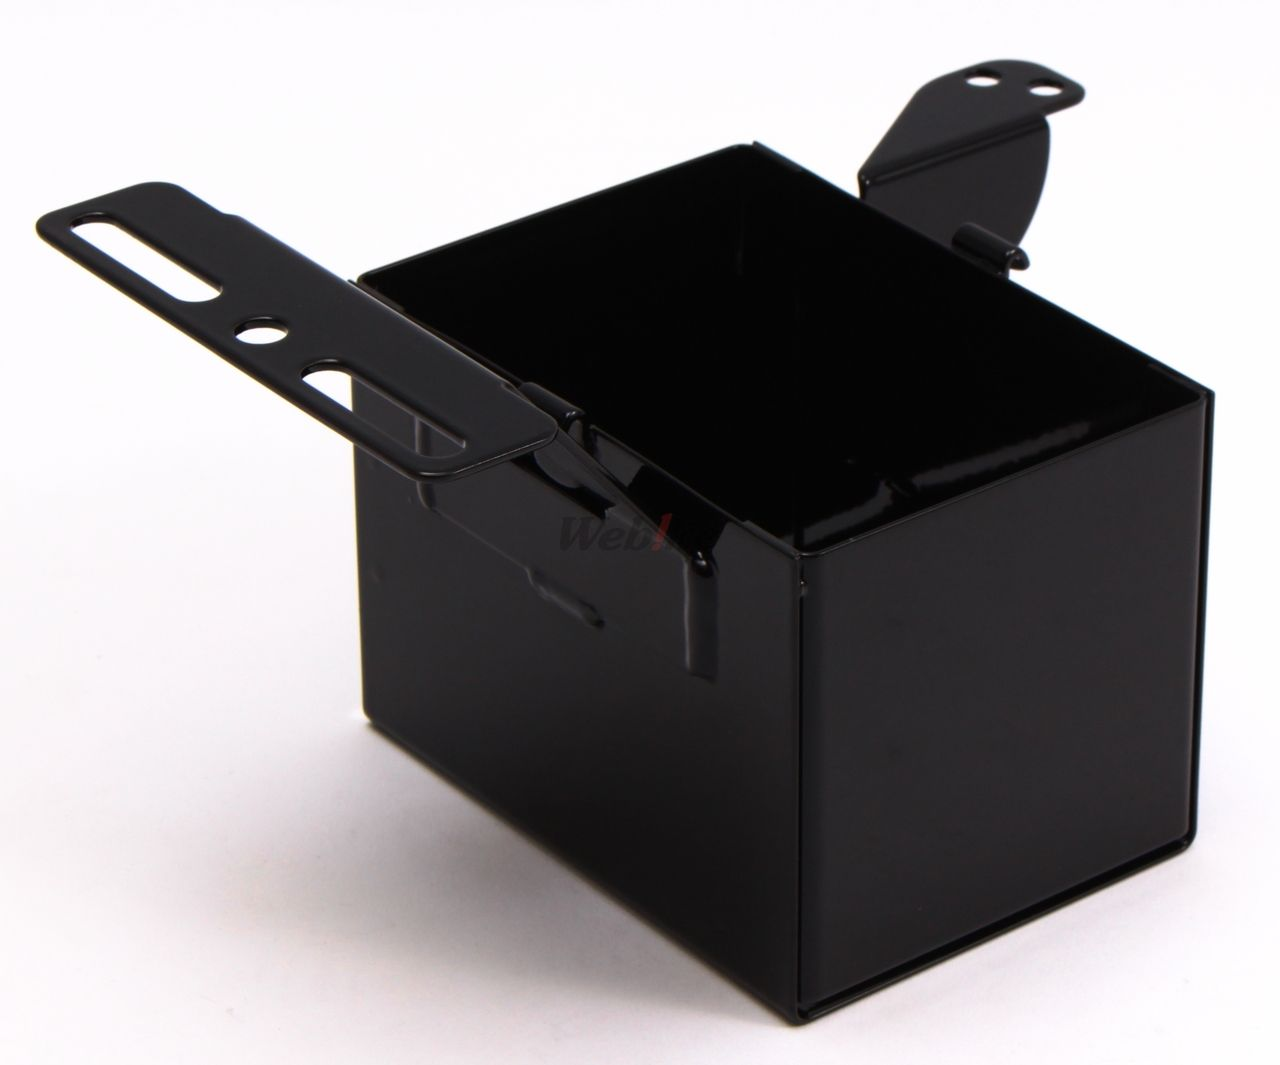 【KIJIMA】電池 外殼 套件 - 「Webike-摩托百貨」